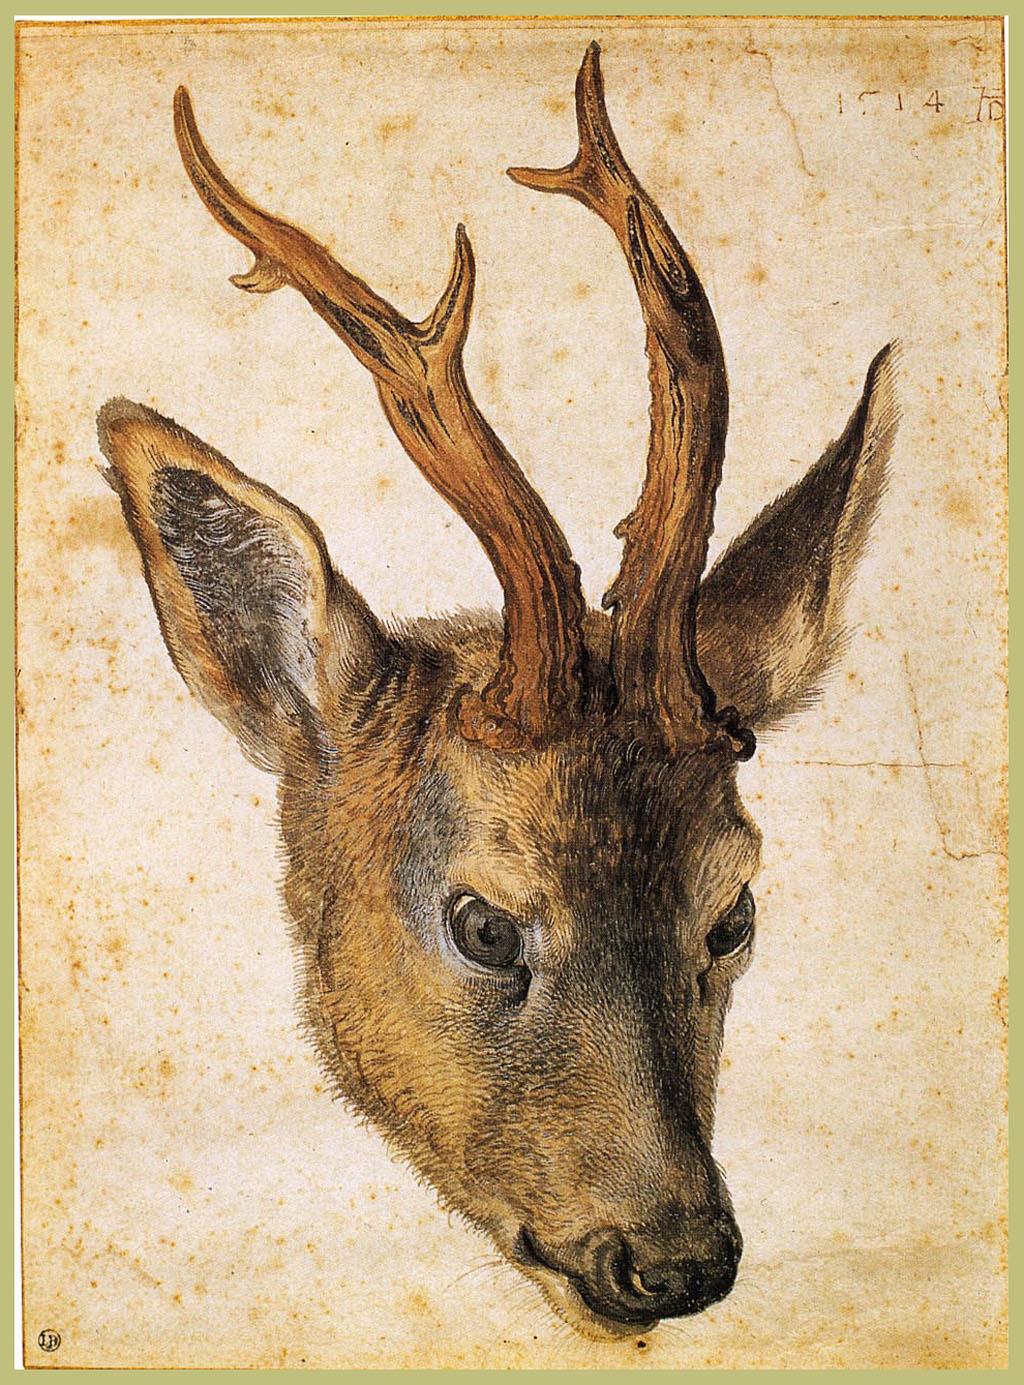 Albrecht Dürer artwork